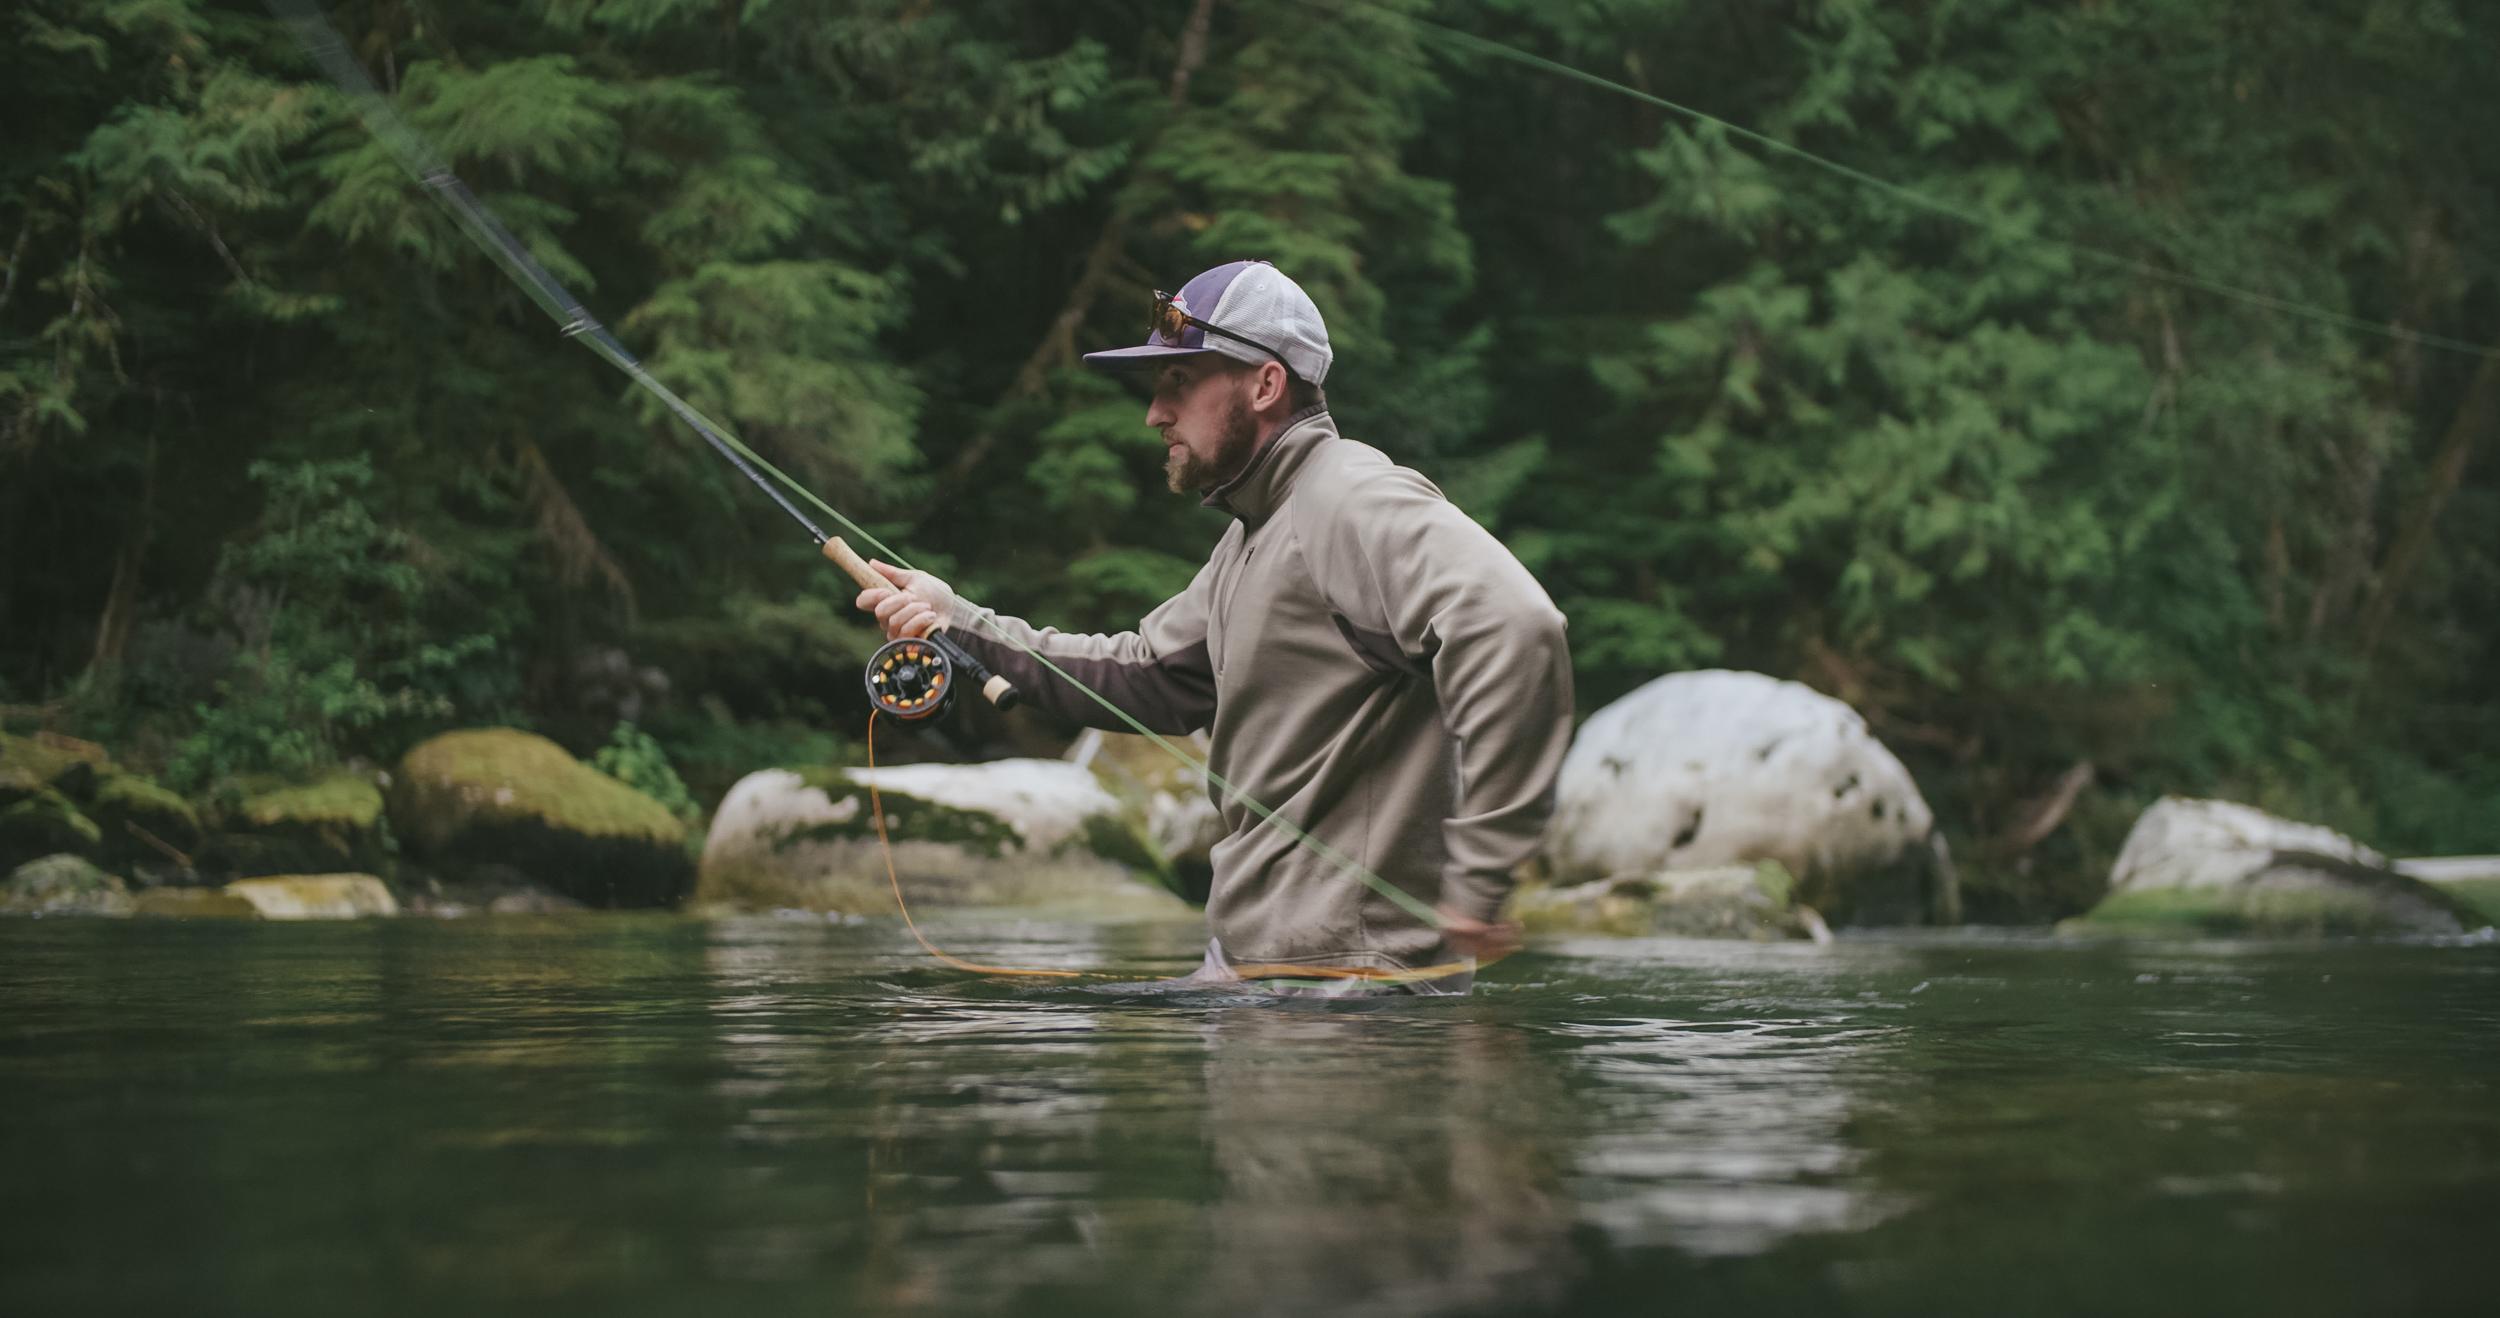 Matty_Fishing-2.jpg